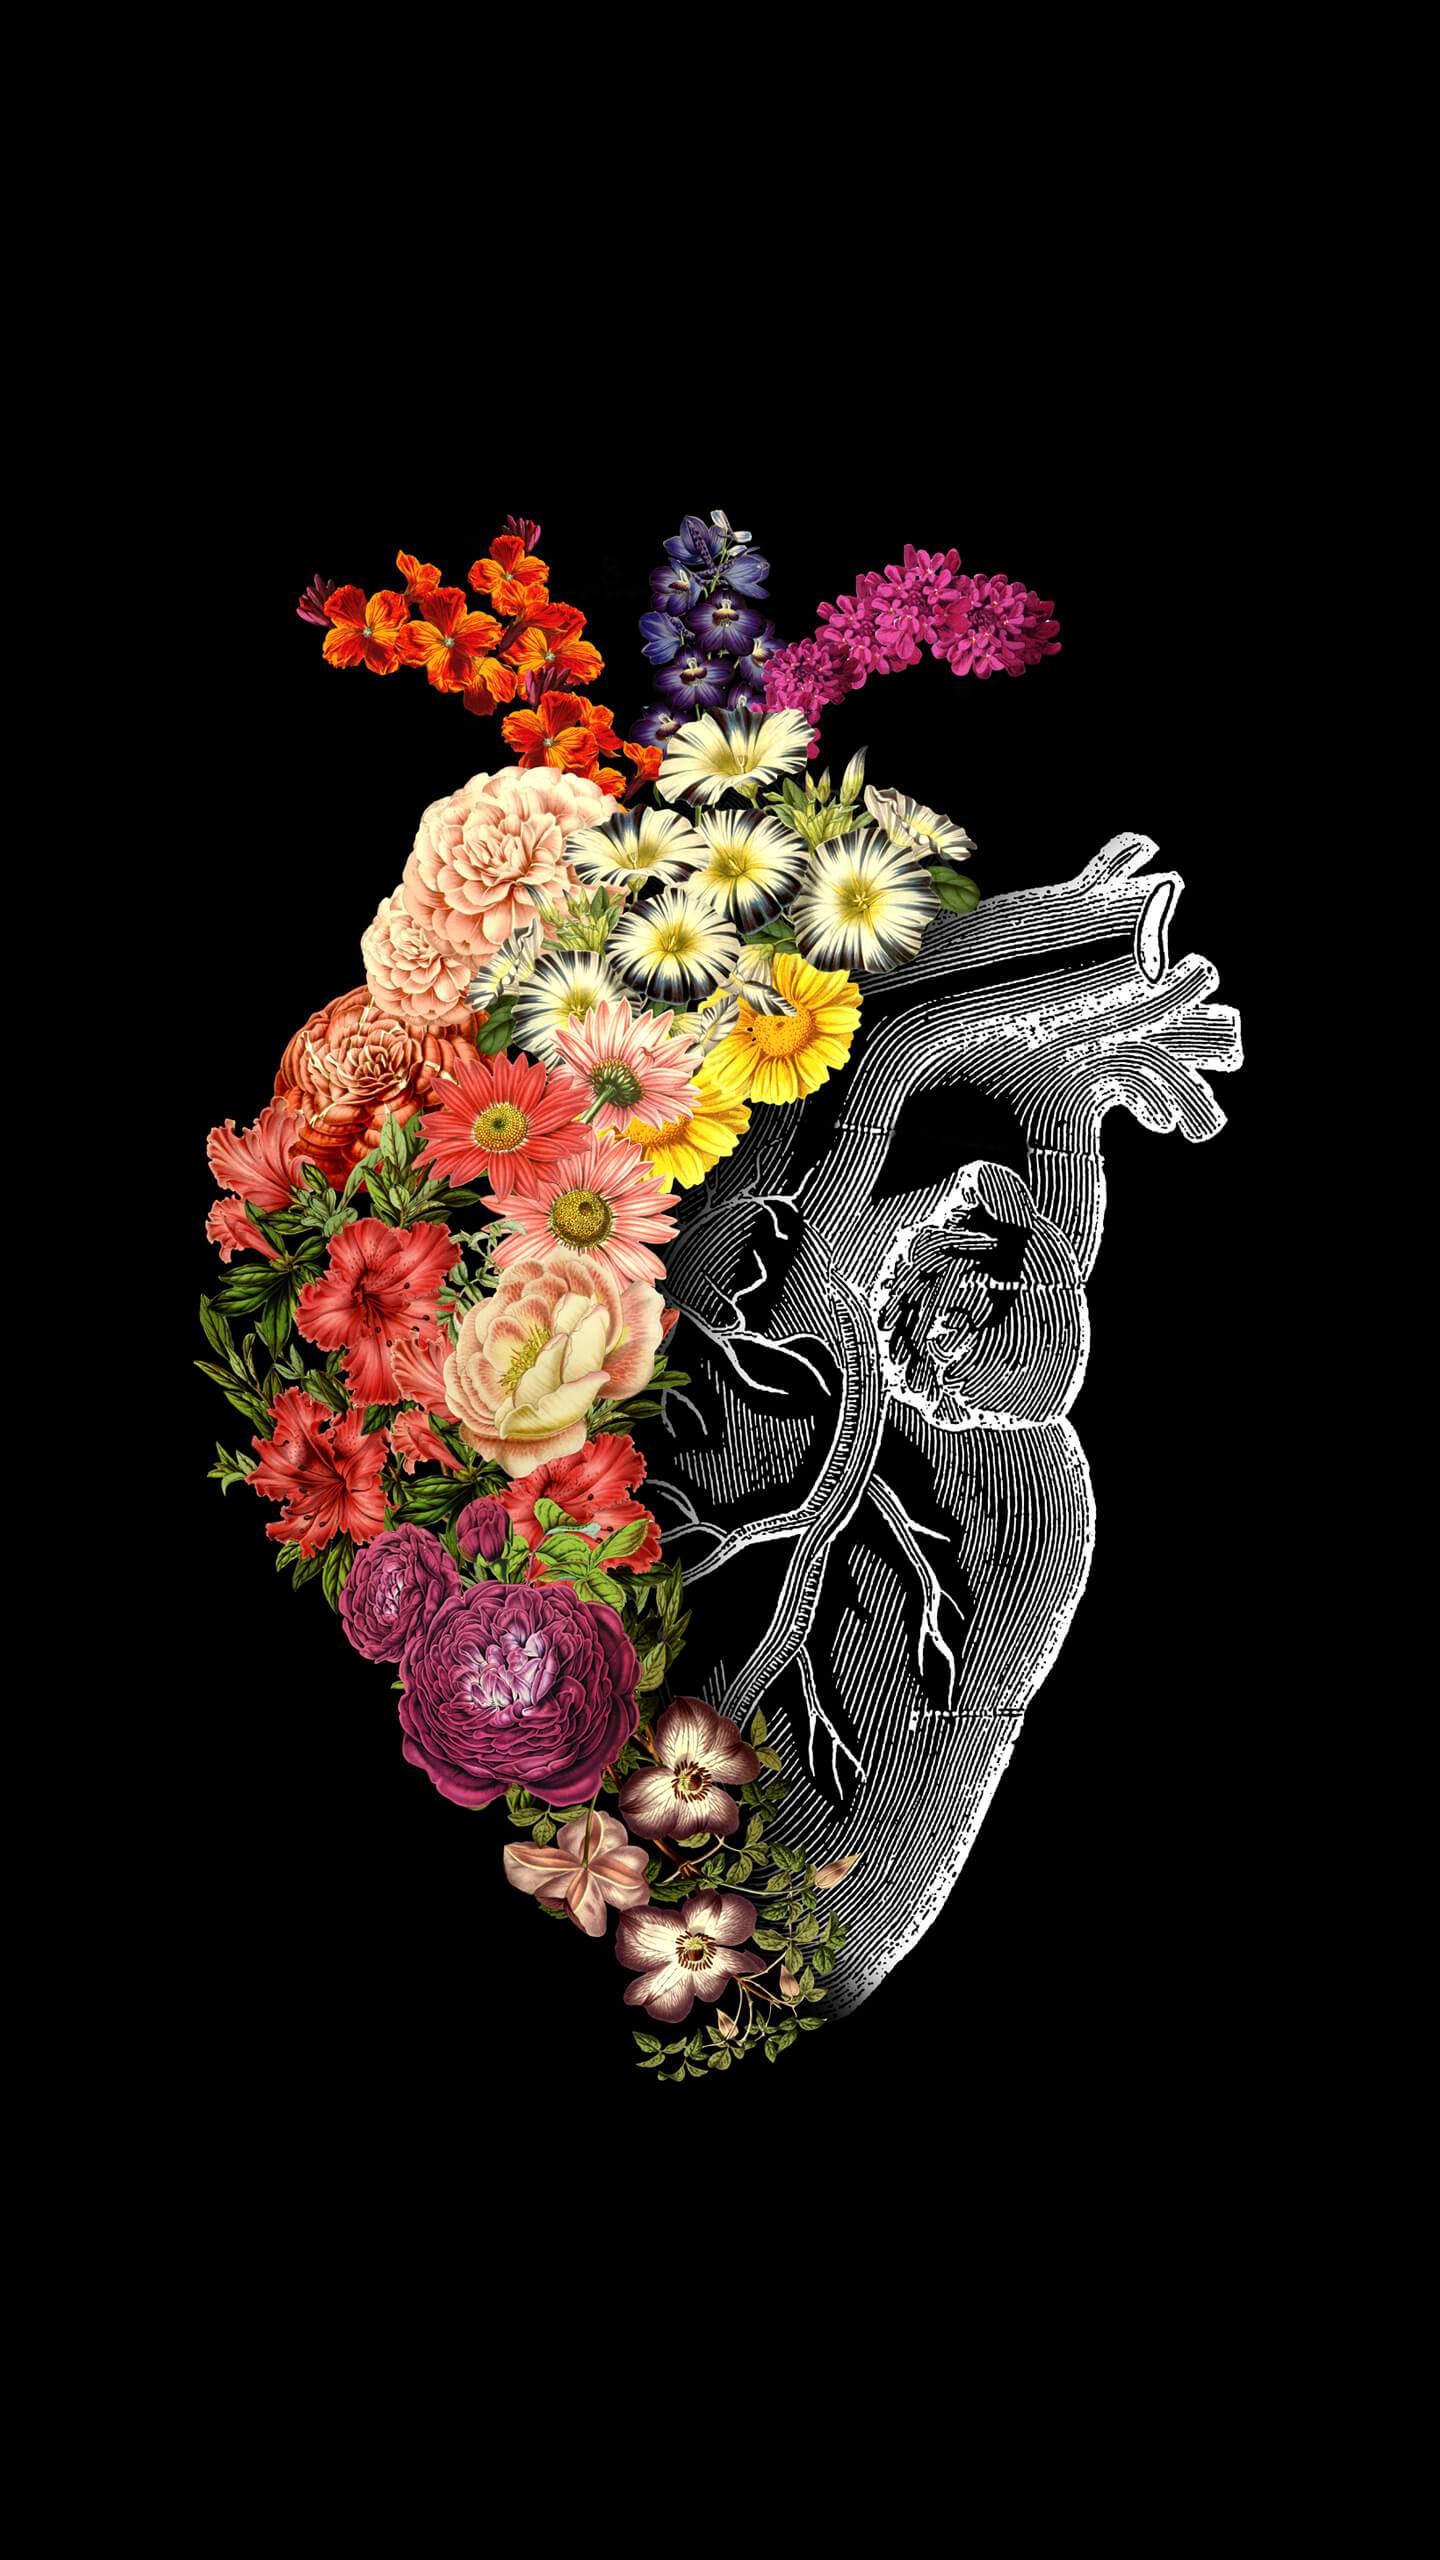 Flower Heart iPhone Wallpaper